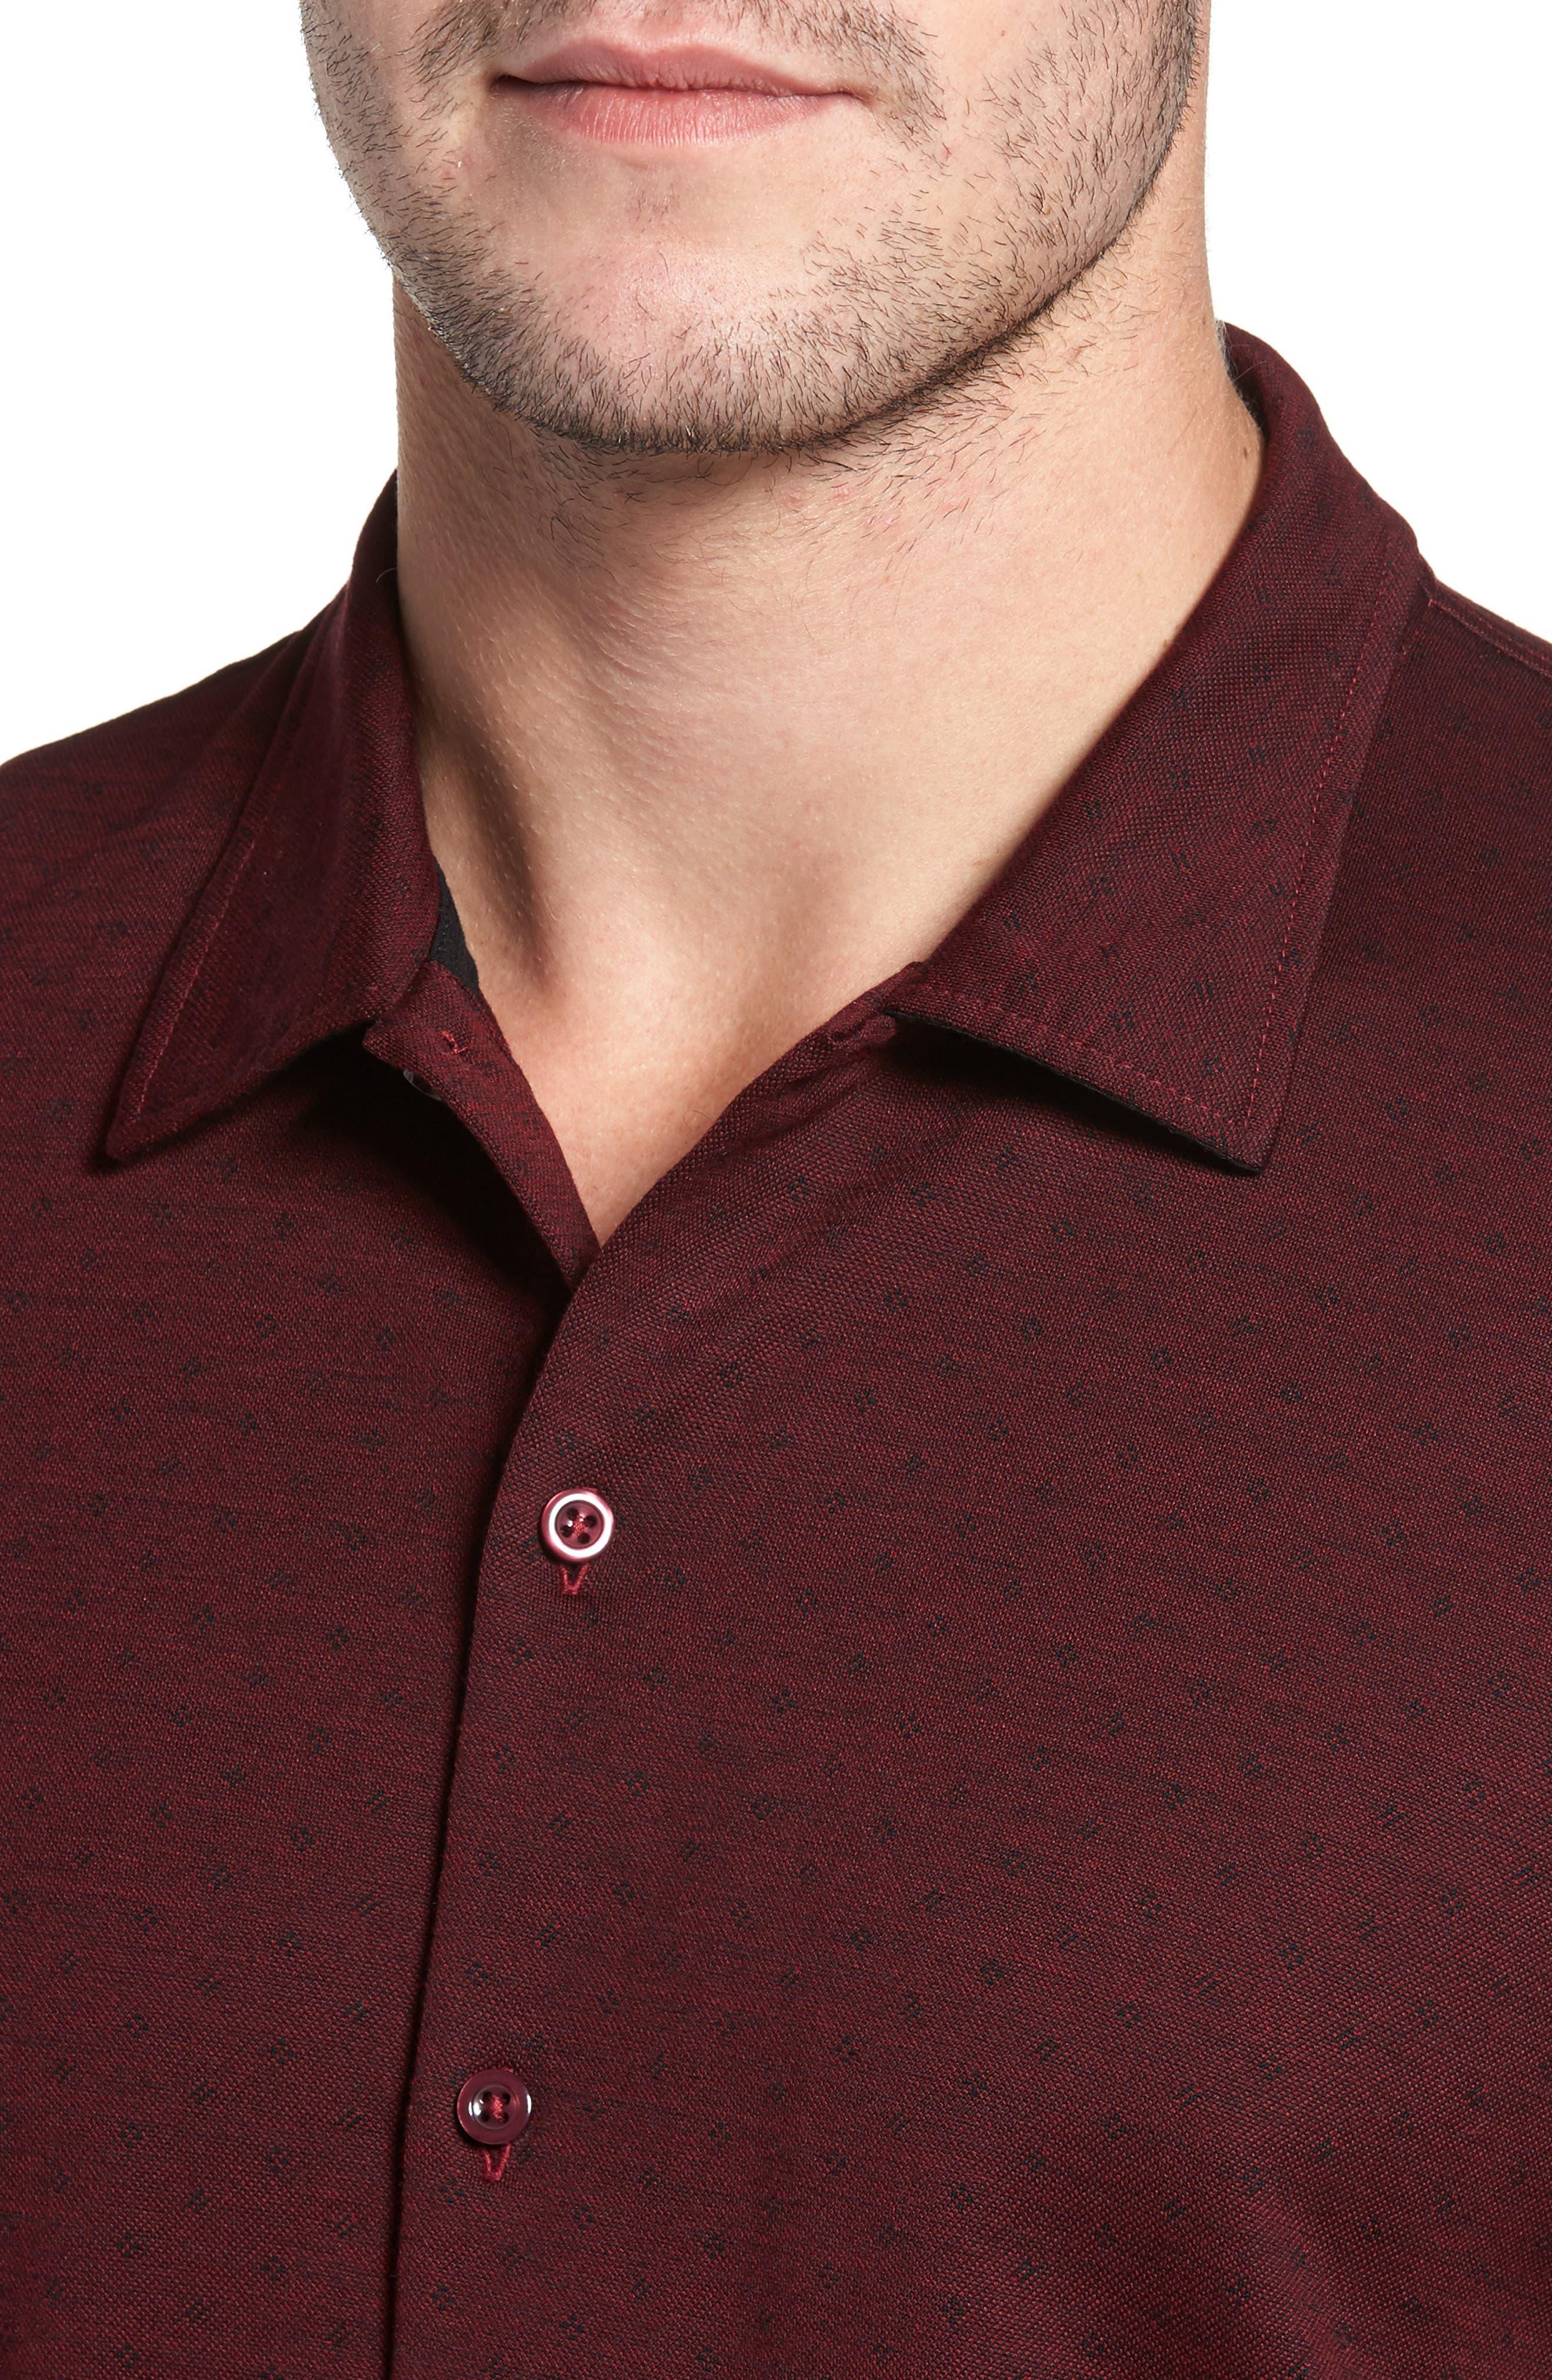 Jacquard Knit Sport Shirt,                             Alternate thumbnail 16, color,